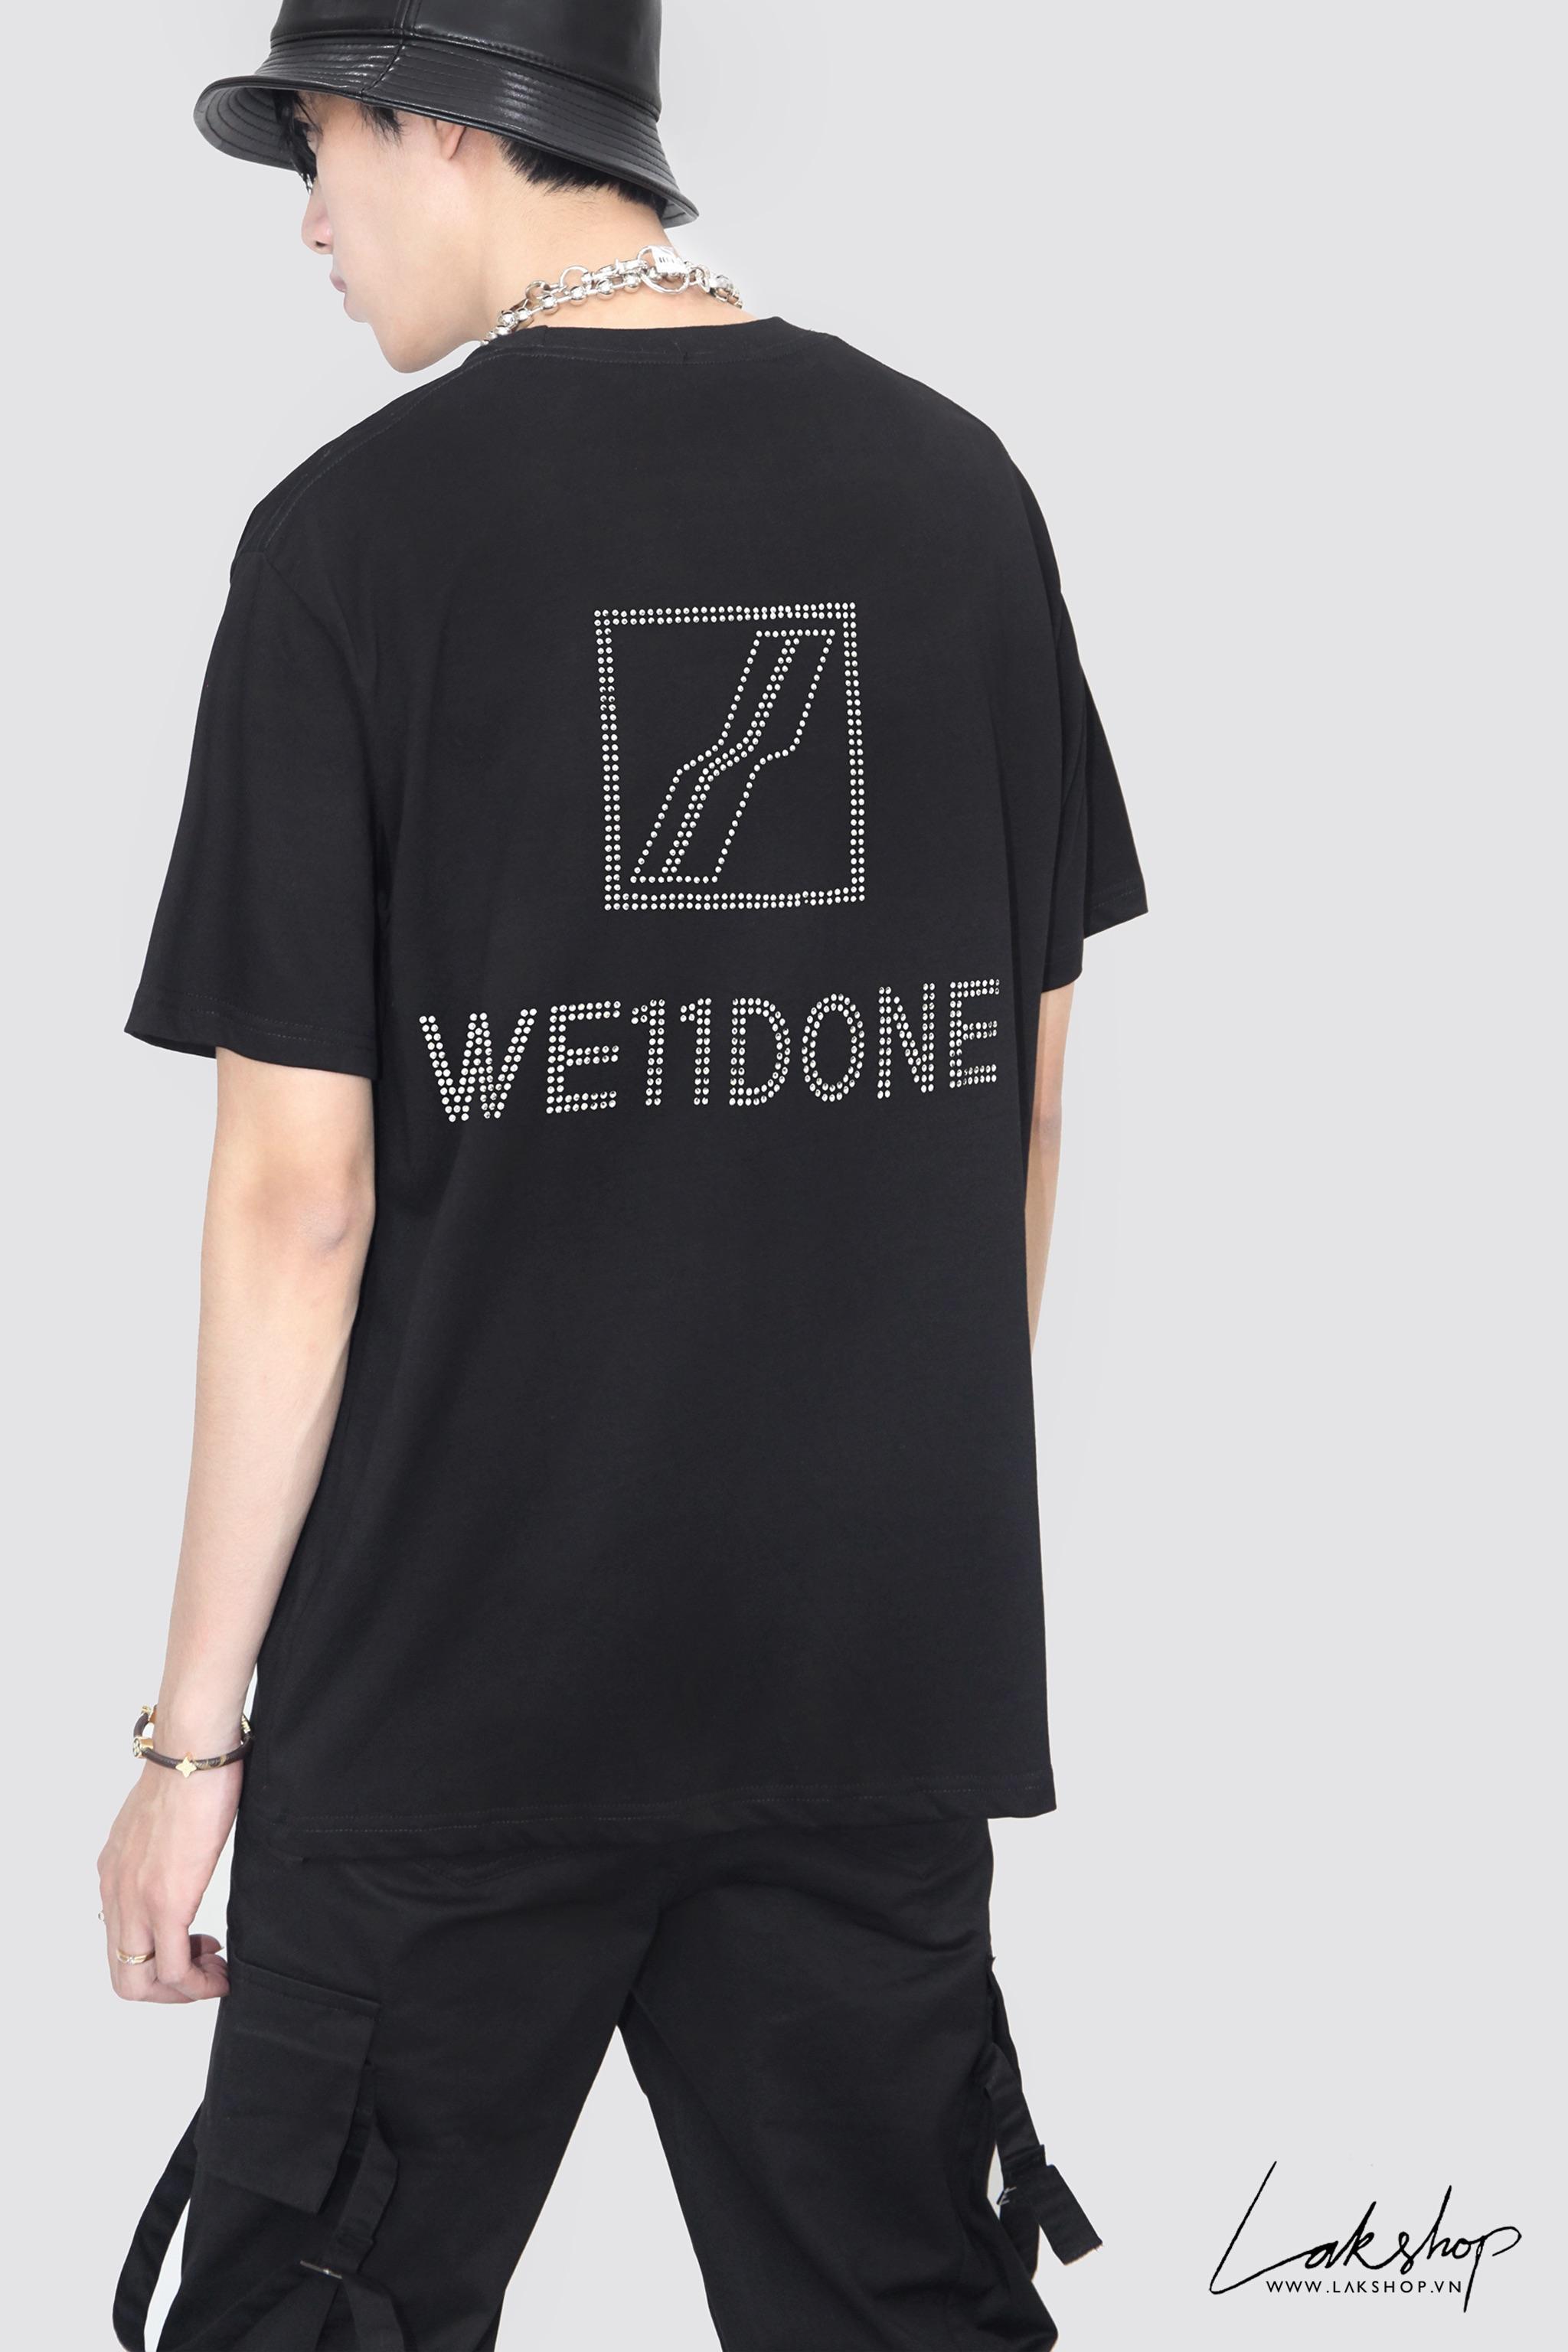 We11done Crystal Back Logo Black T-Shirt